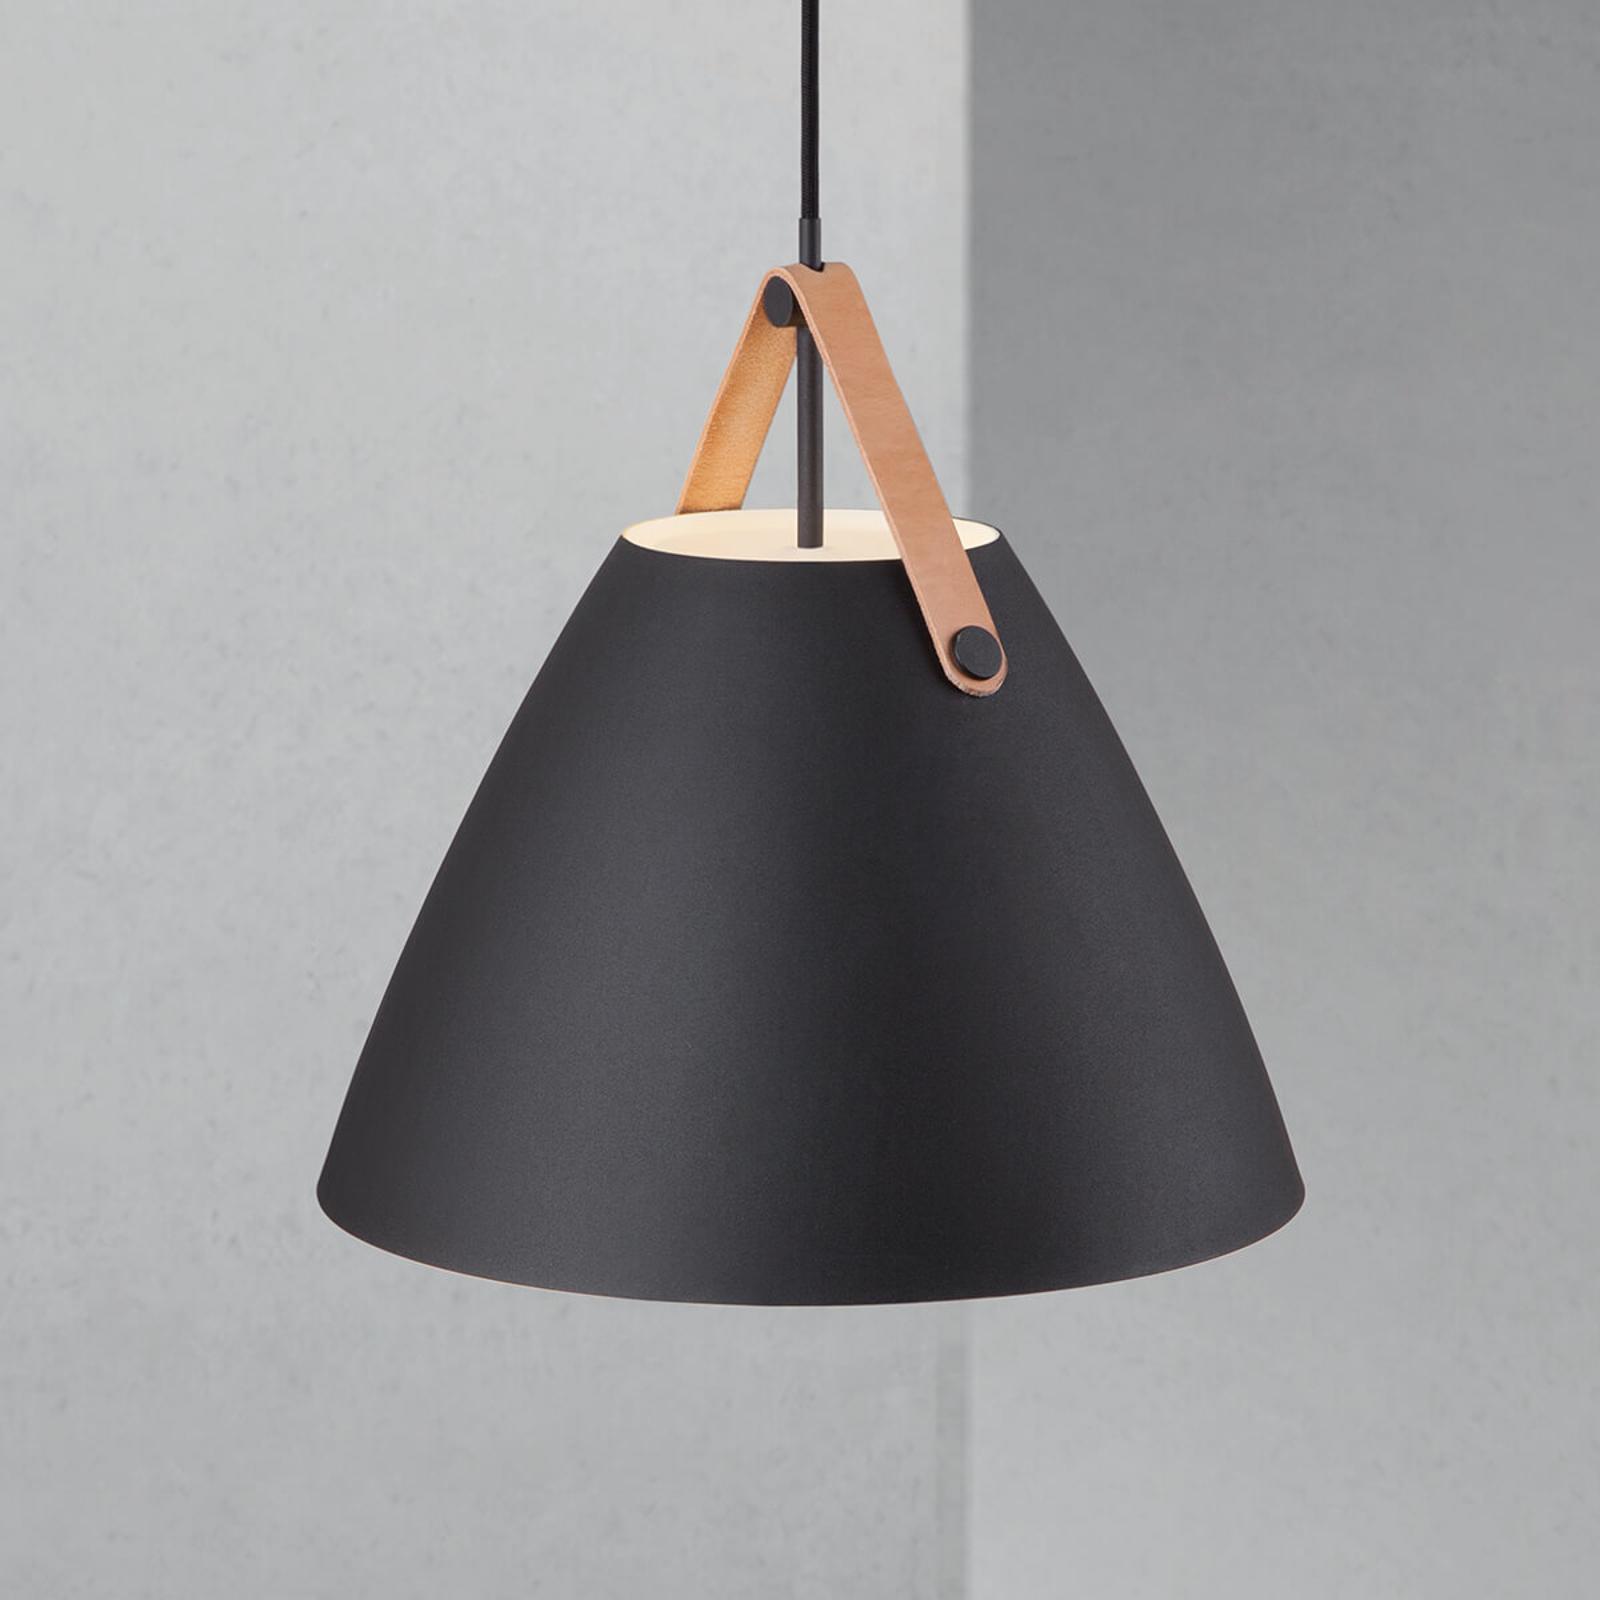 LED závěsné svítidlo Strap 36, černé